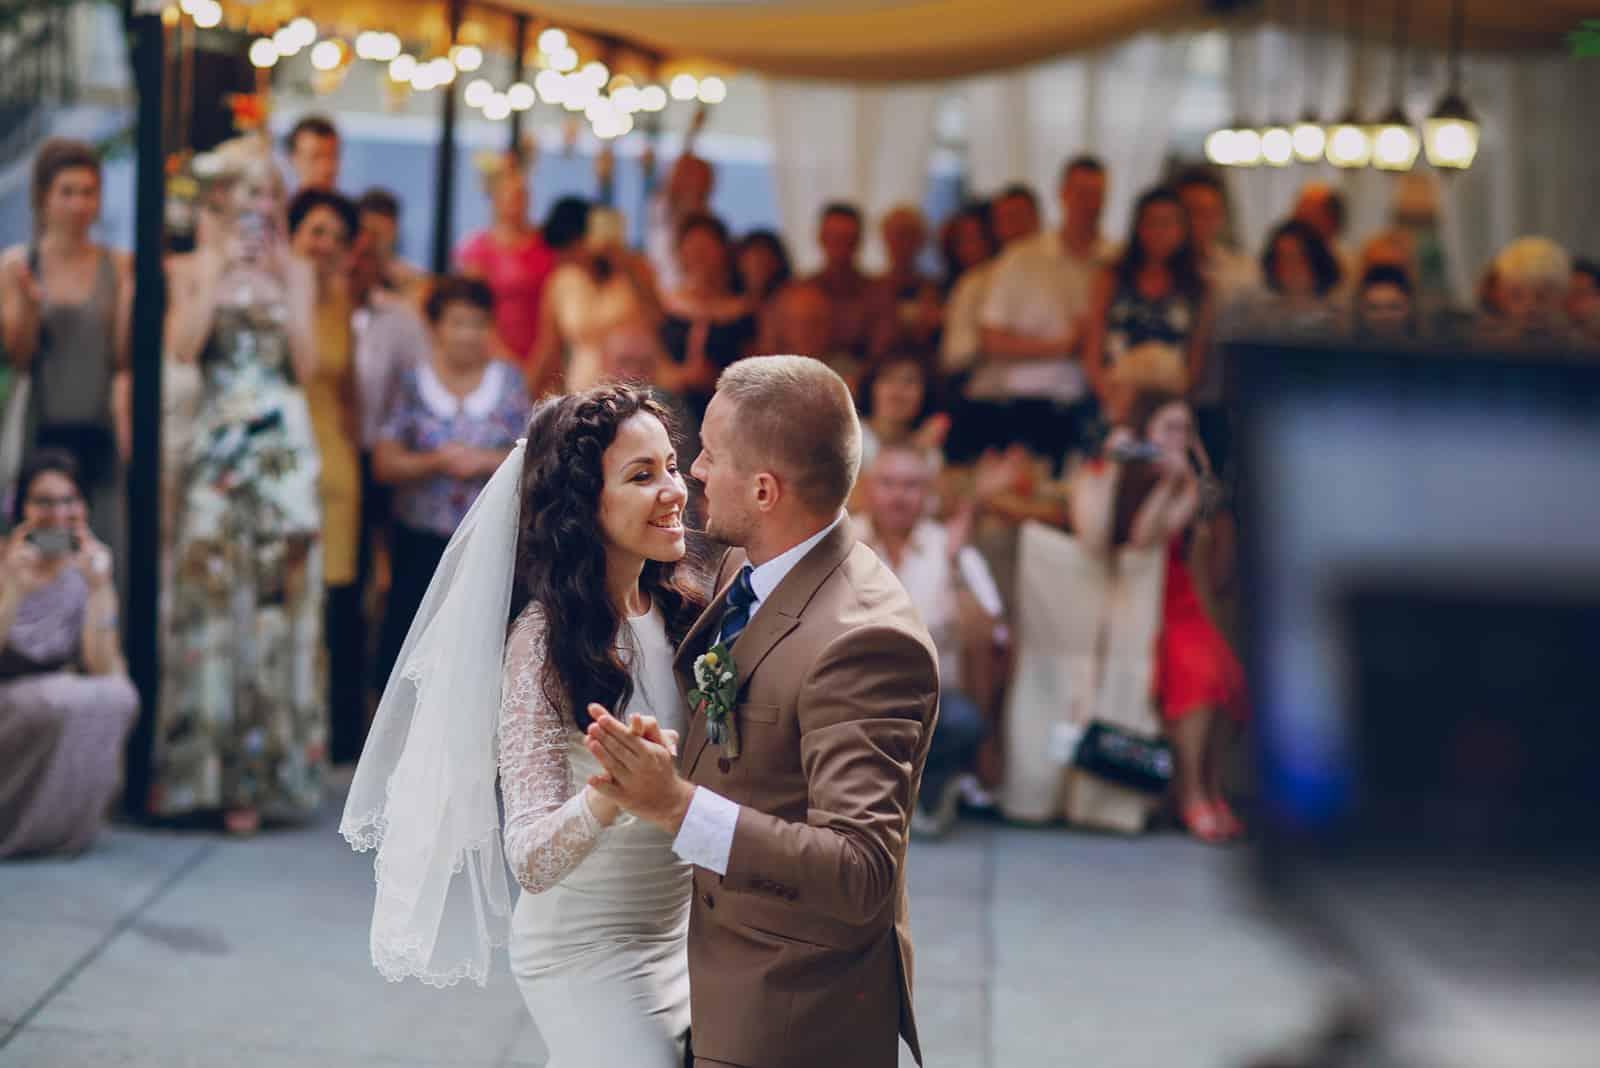 Hochzeit wundervolles junges Paar tanzen